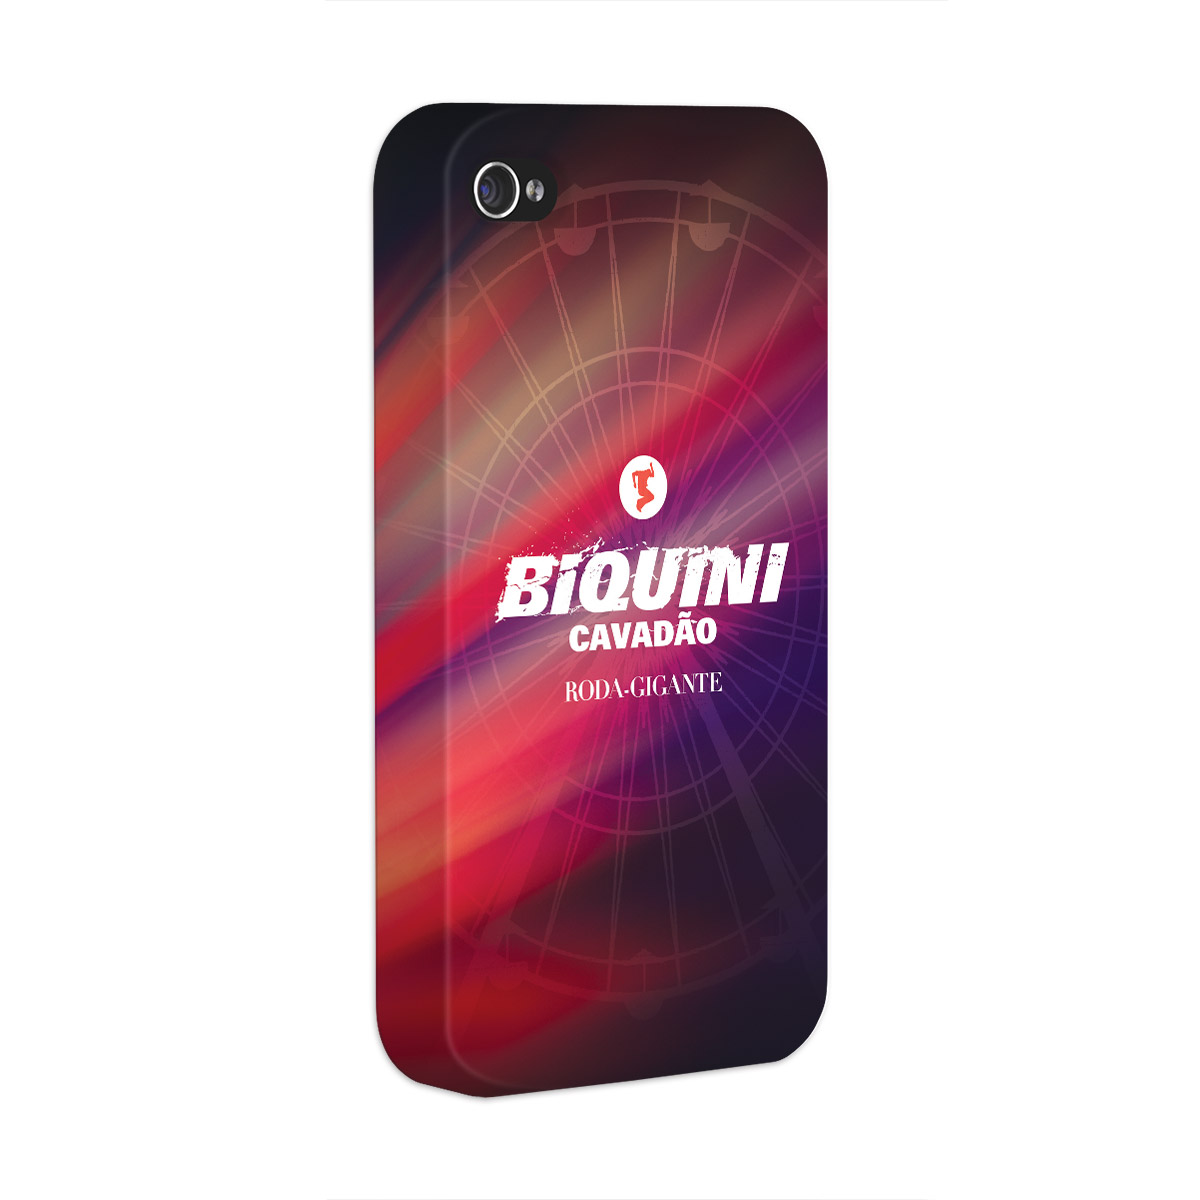 Capa de Iphone 4/4S Biquini Cavadão Logo